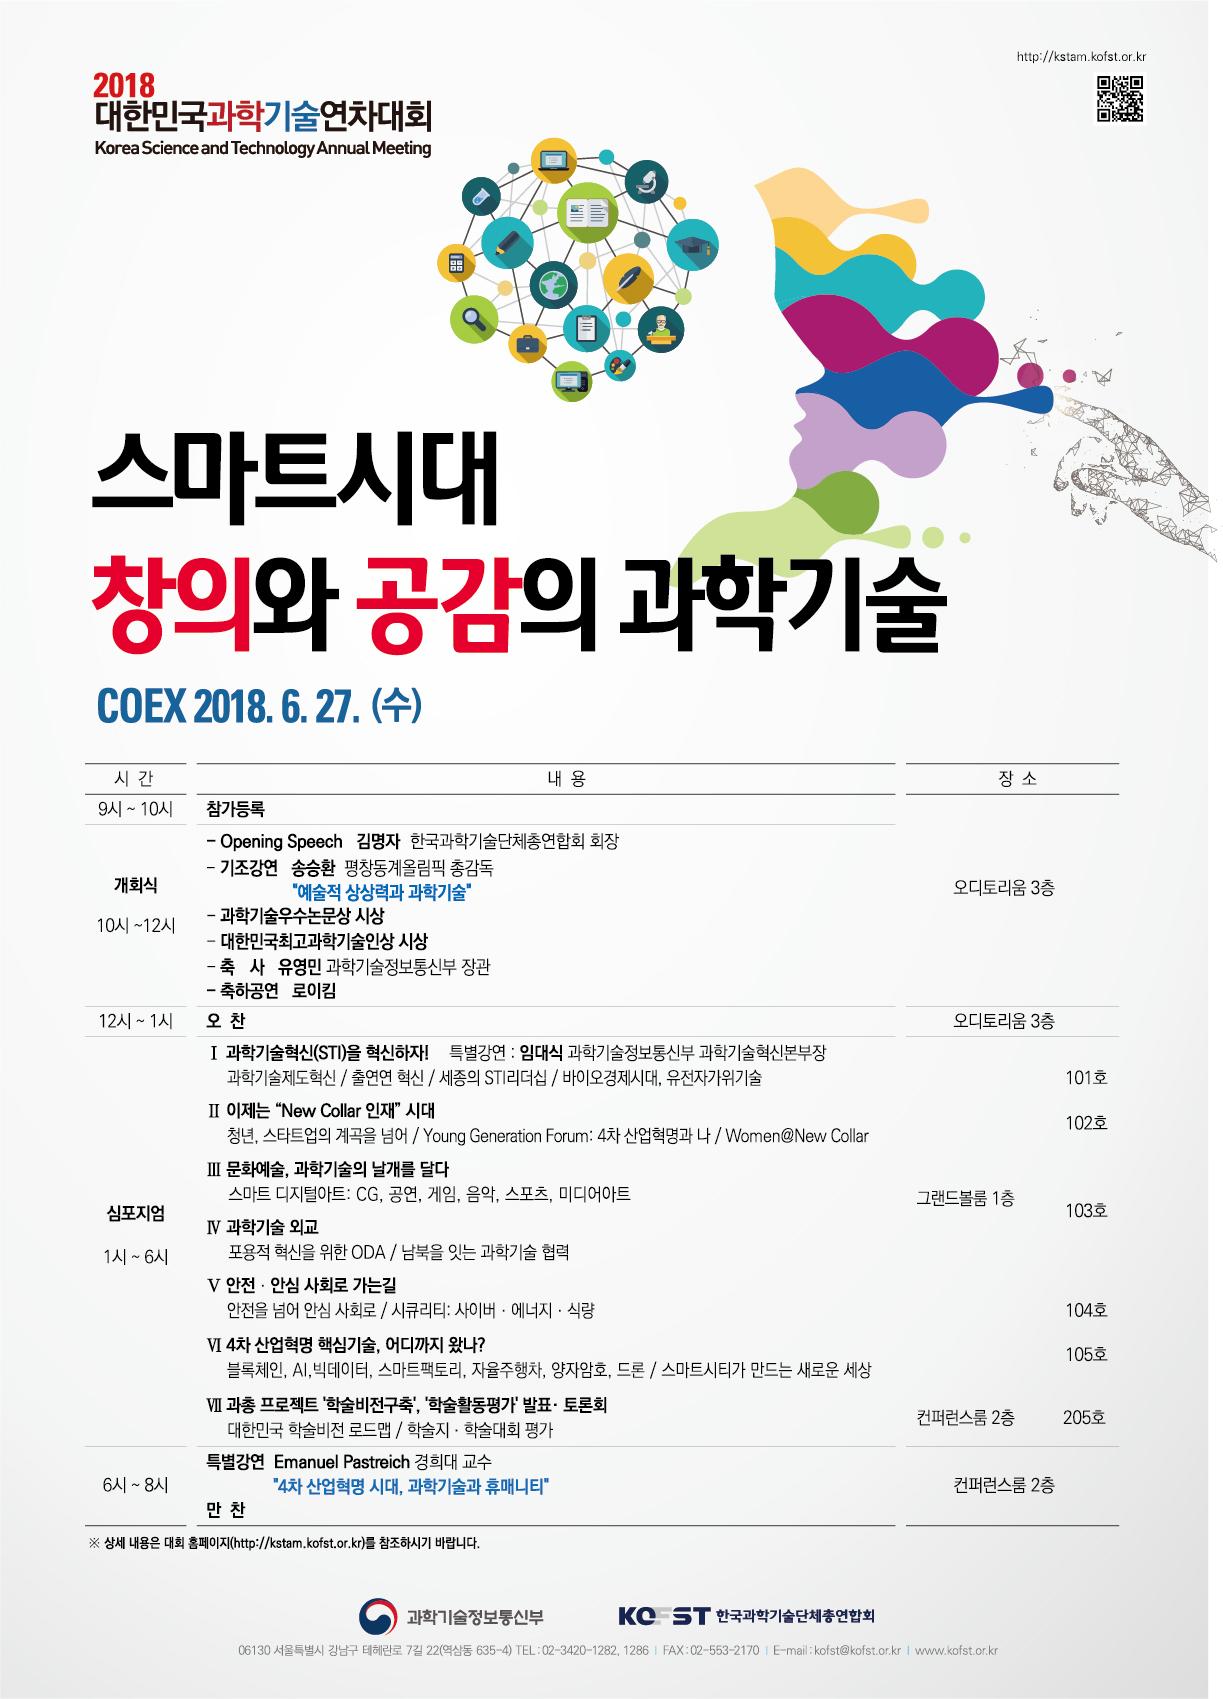 첨부2_2018 대한민국과학기술연차대회 포스터.jpg